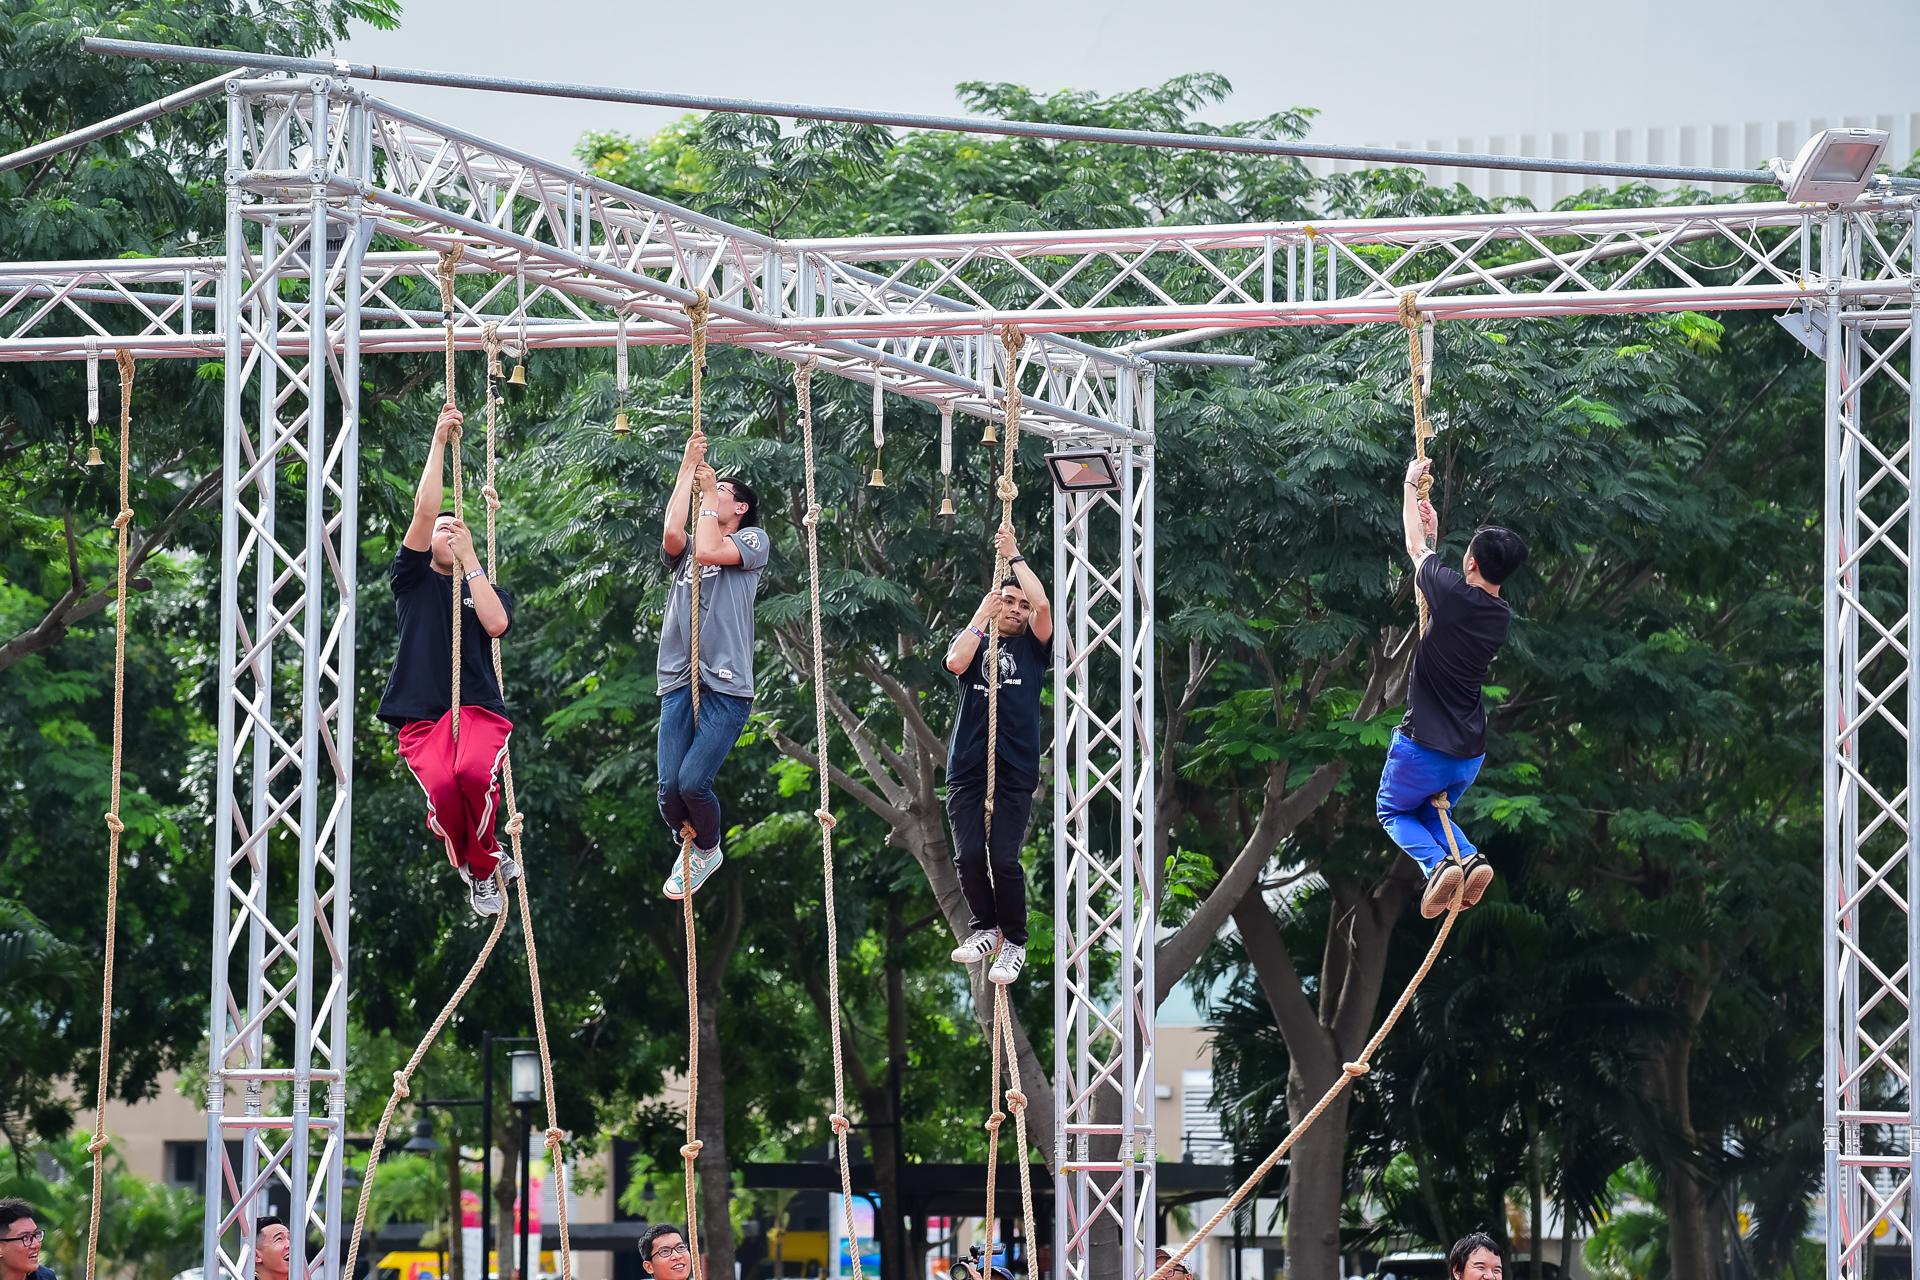 Sao Việt và giới trẻ Sài thành rủ nhau thách thức với zipline mạo hiểm - Ảnh 6.